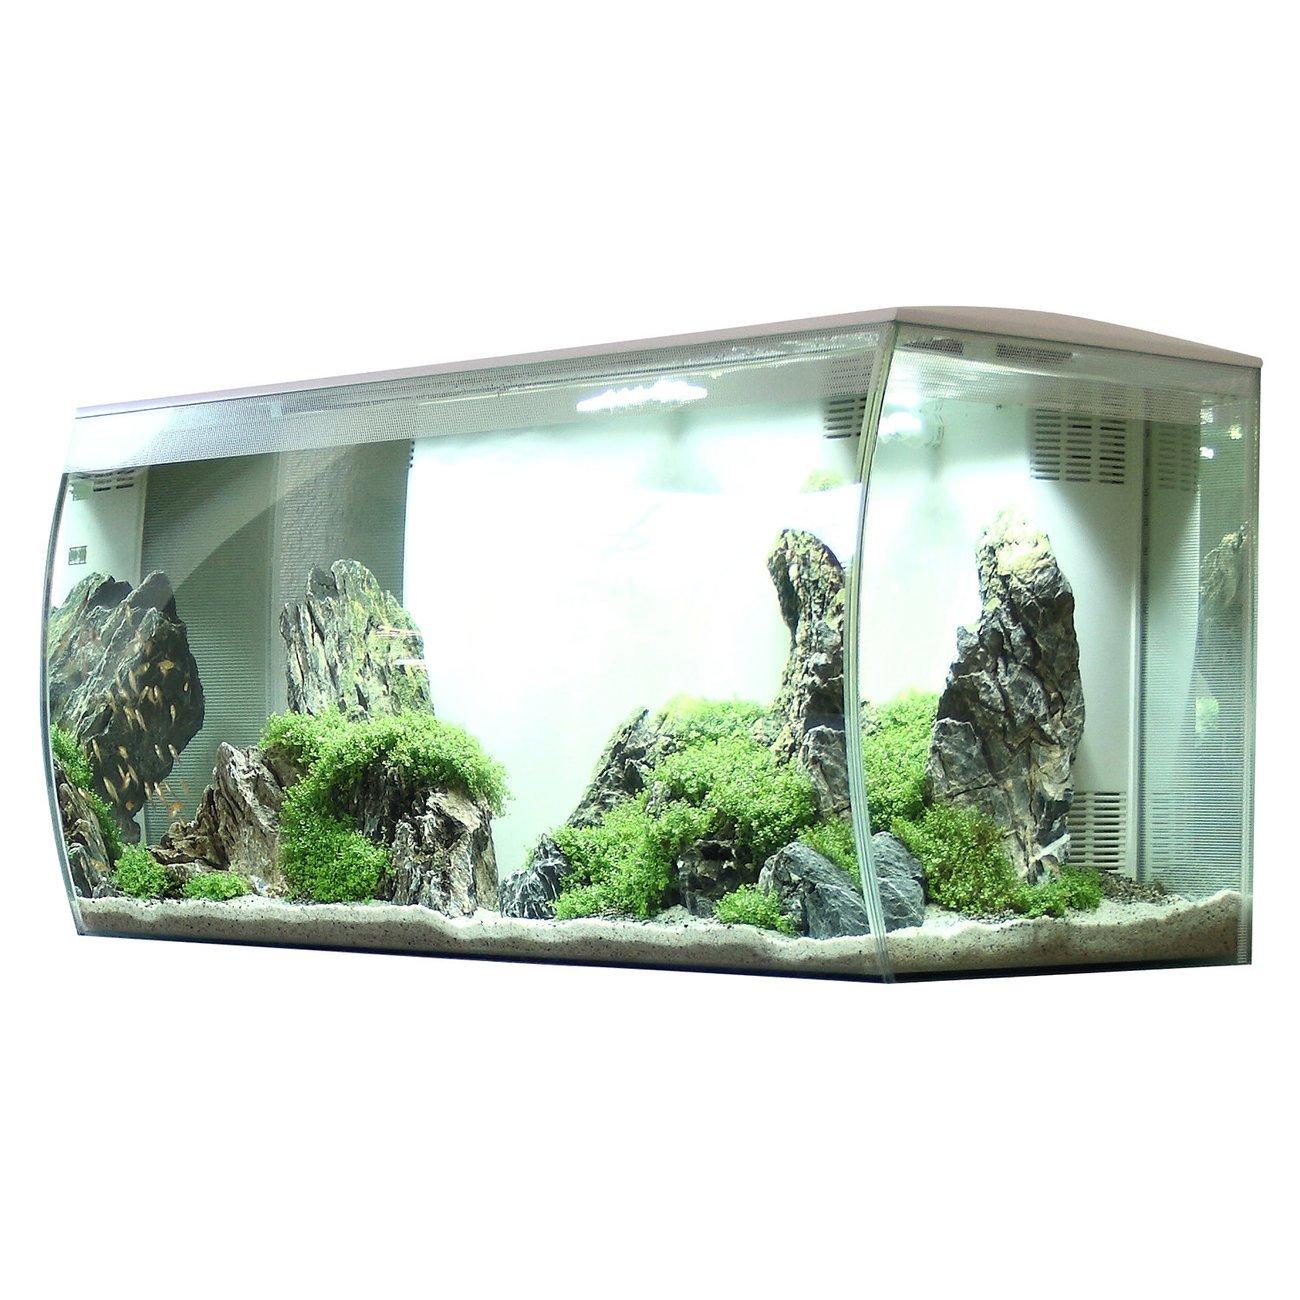 Fluval Flex 123 Liter Aquarium Bild 13